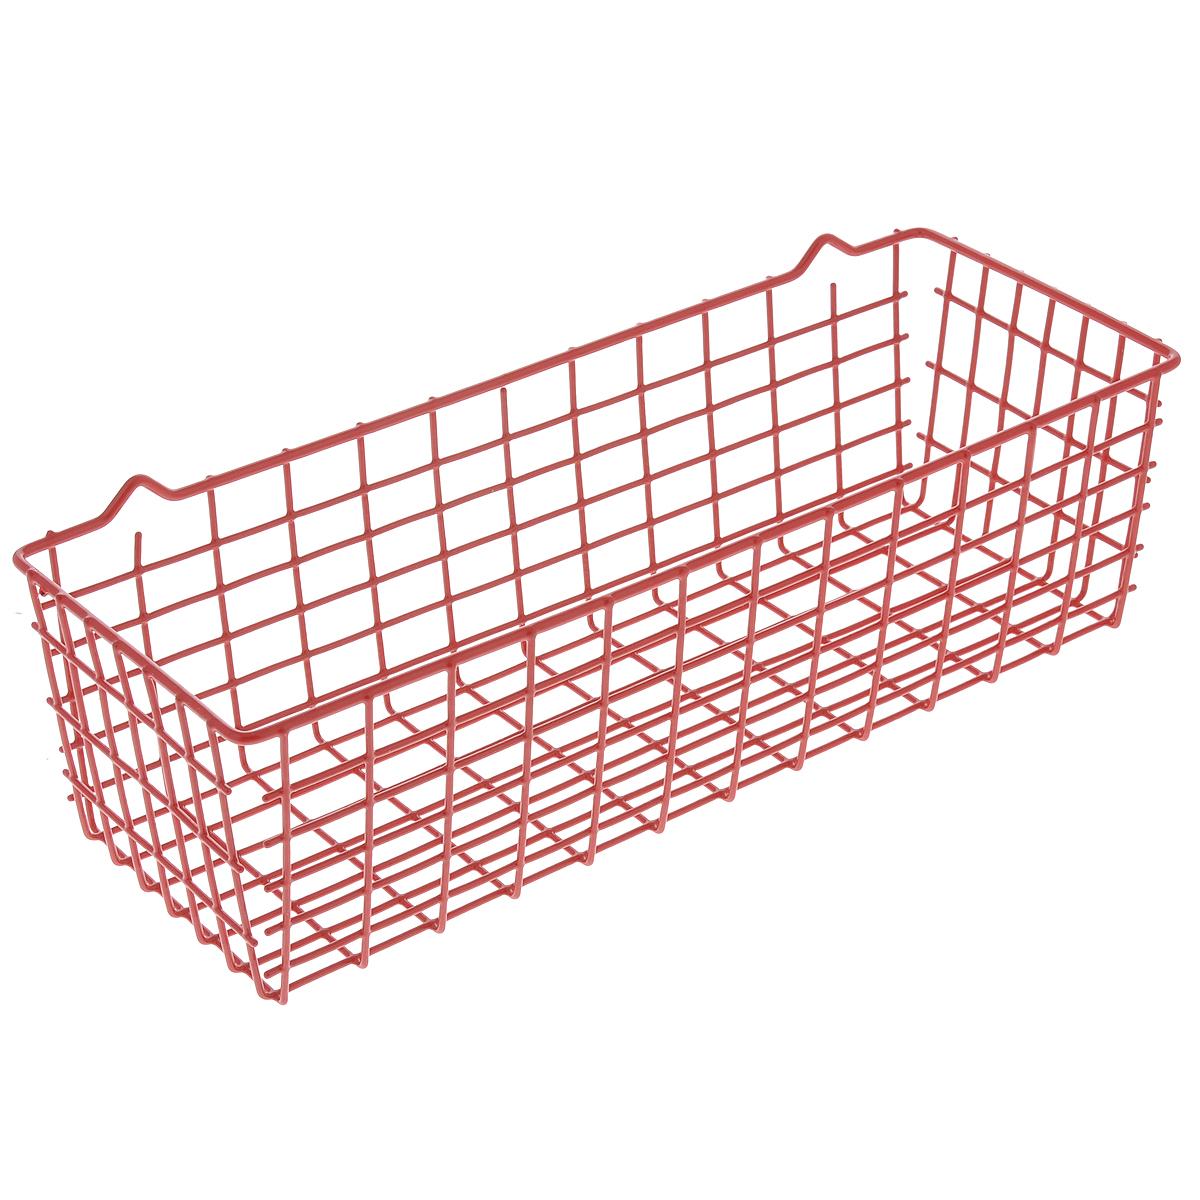 Полка универсальная Metaltex Pandino, цвет: красный, 33 х 12 х 9 см74-0120Универсальная полка Metaltex Pandino изготовлена из стали, покрытой полимерным, влагостойким материалом. Выполнена в виде небольшой корзинки. Такая полка сэкономит место на вашей кухне или в ванной. Современный дизайн делает ее не только практичным, но и стильным домашним аксессуаром. Полка пригодится для хранения различных кухонных или других принадлежностей, которые всегда будут под рукой.